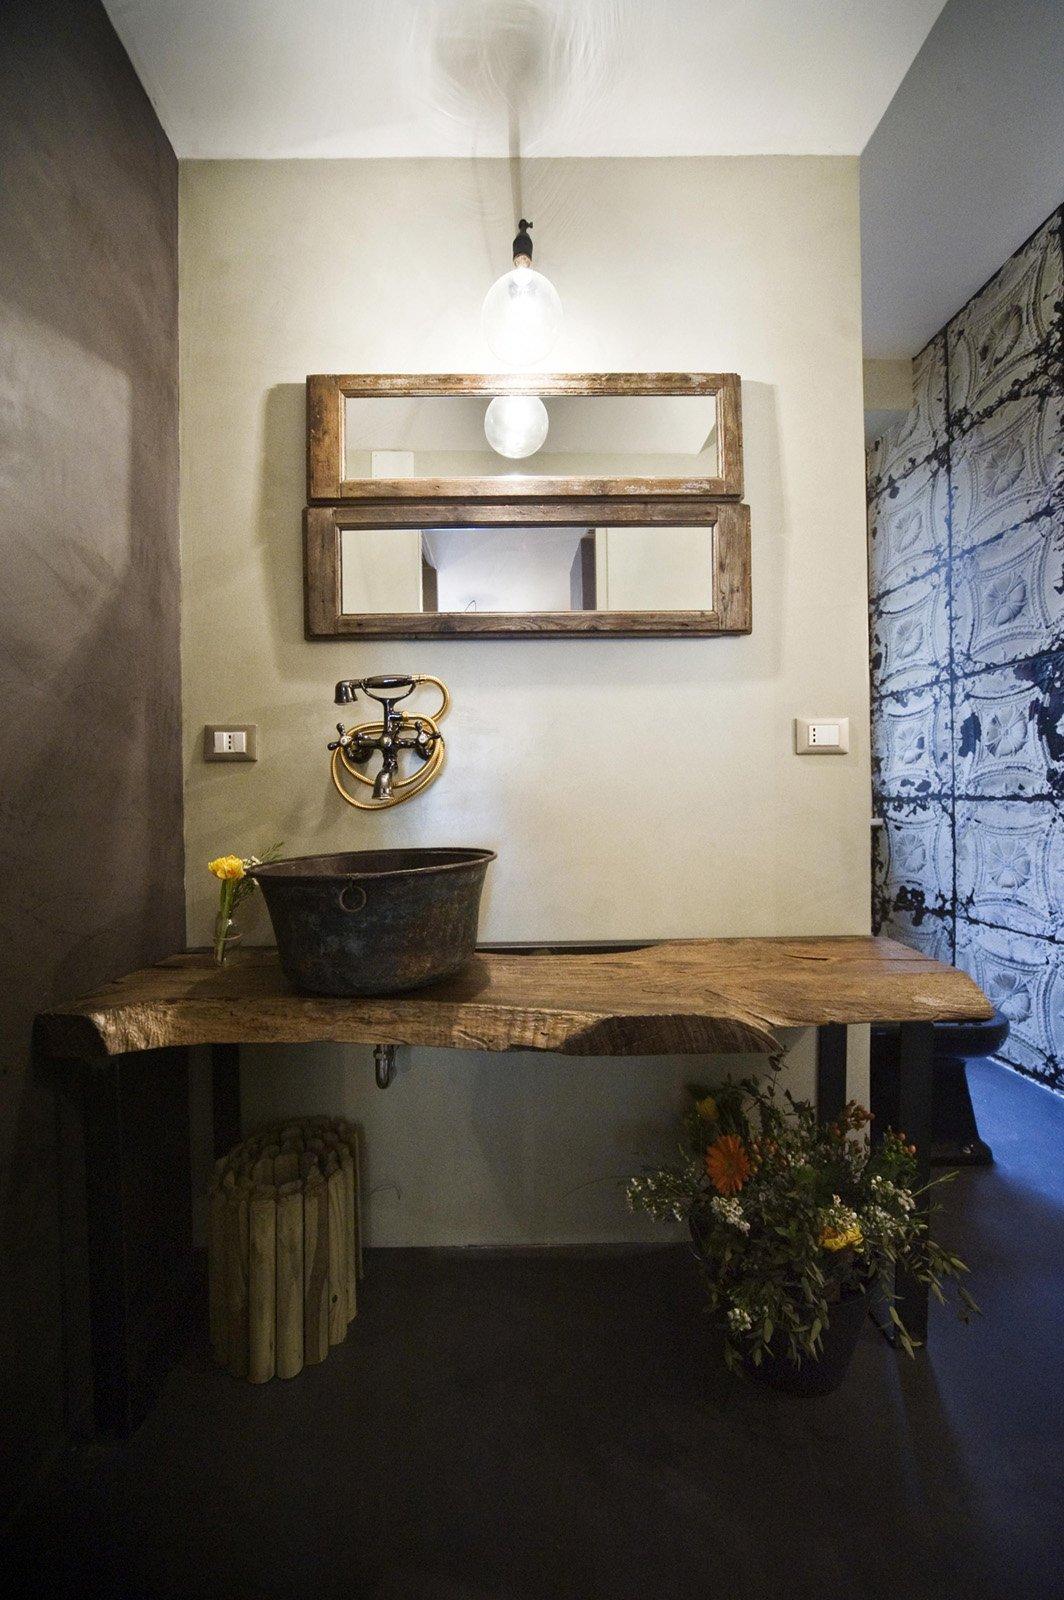 Bagno con finiture cemento o effetto cemento cose di casa - Microcemento bagno ...